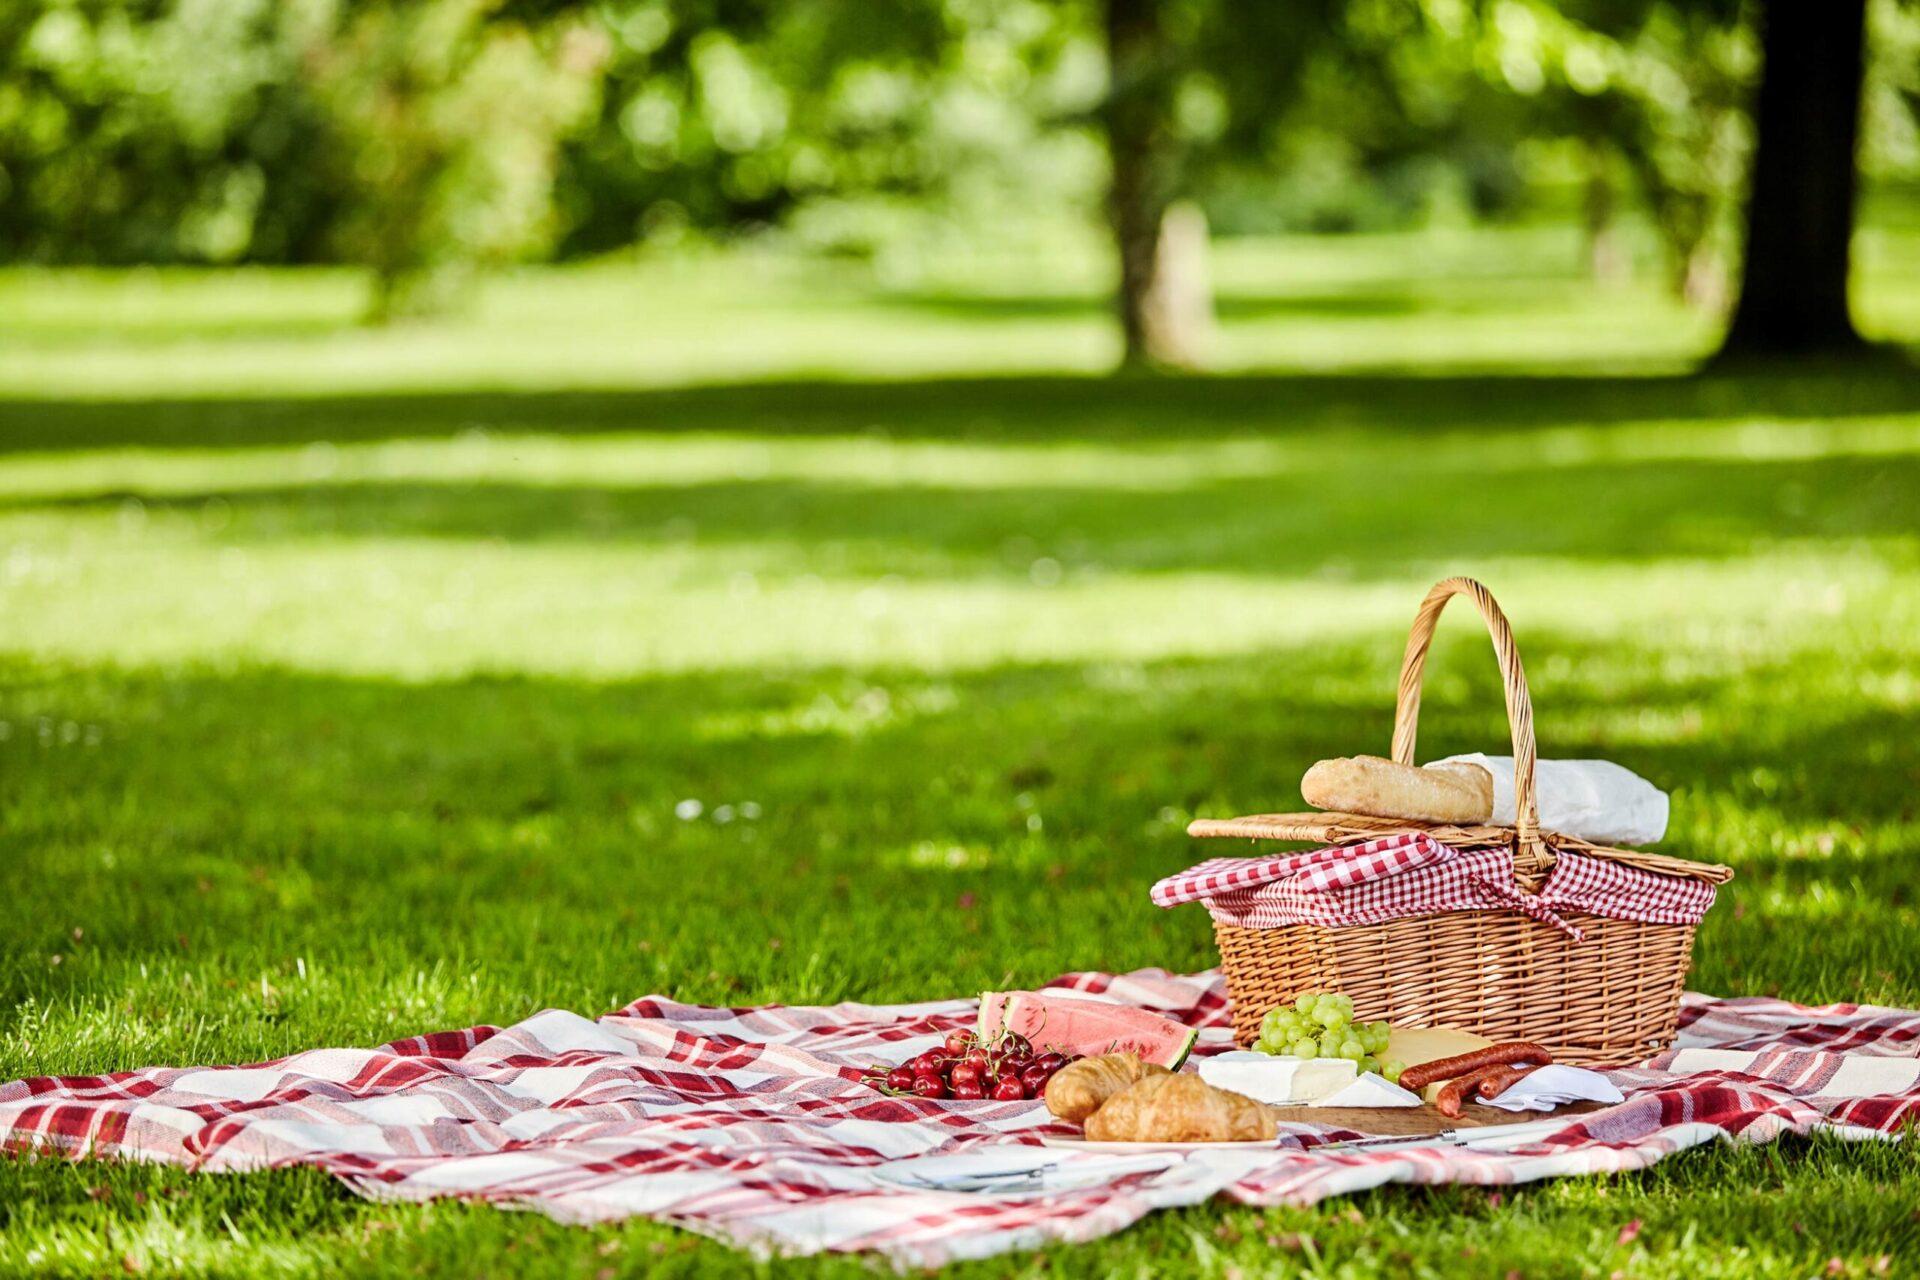 picnic basket on a blanket